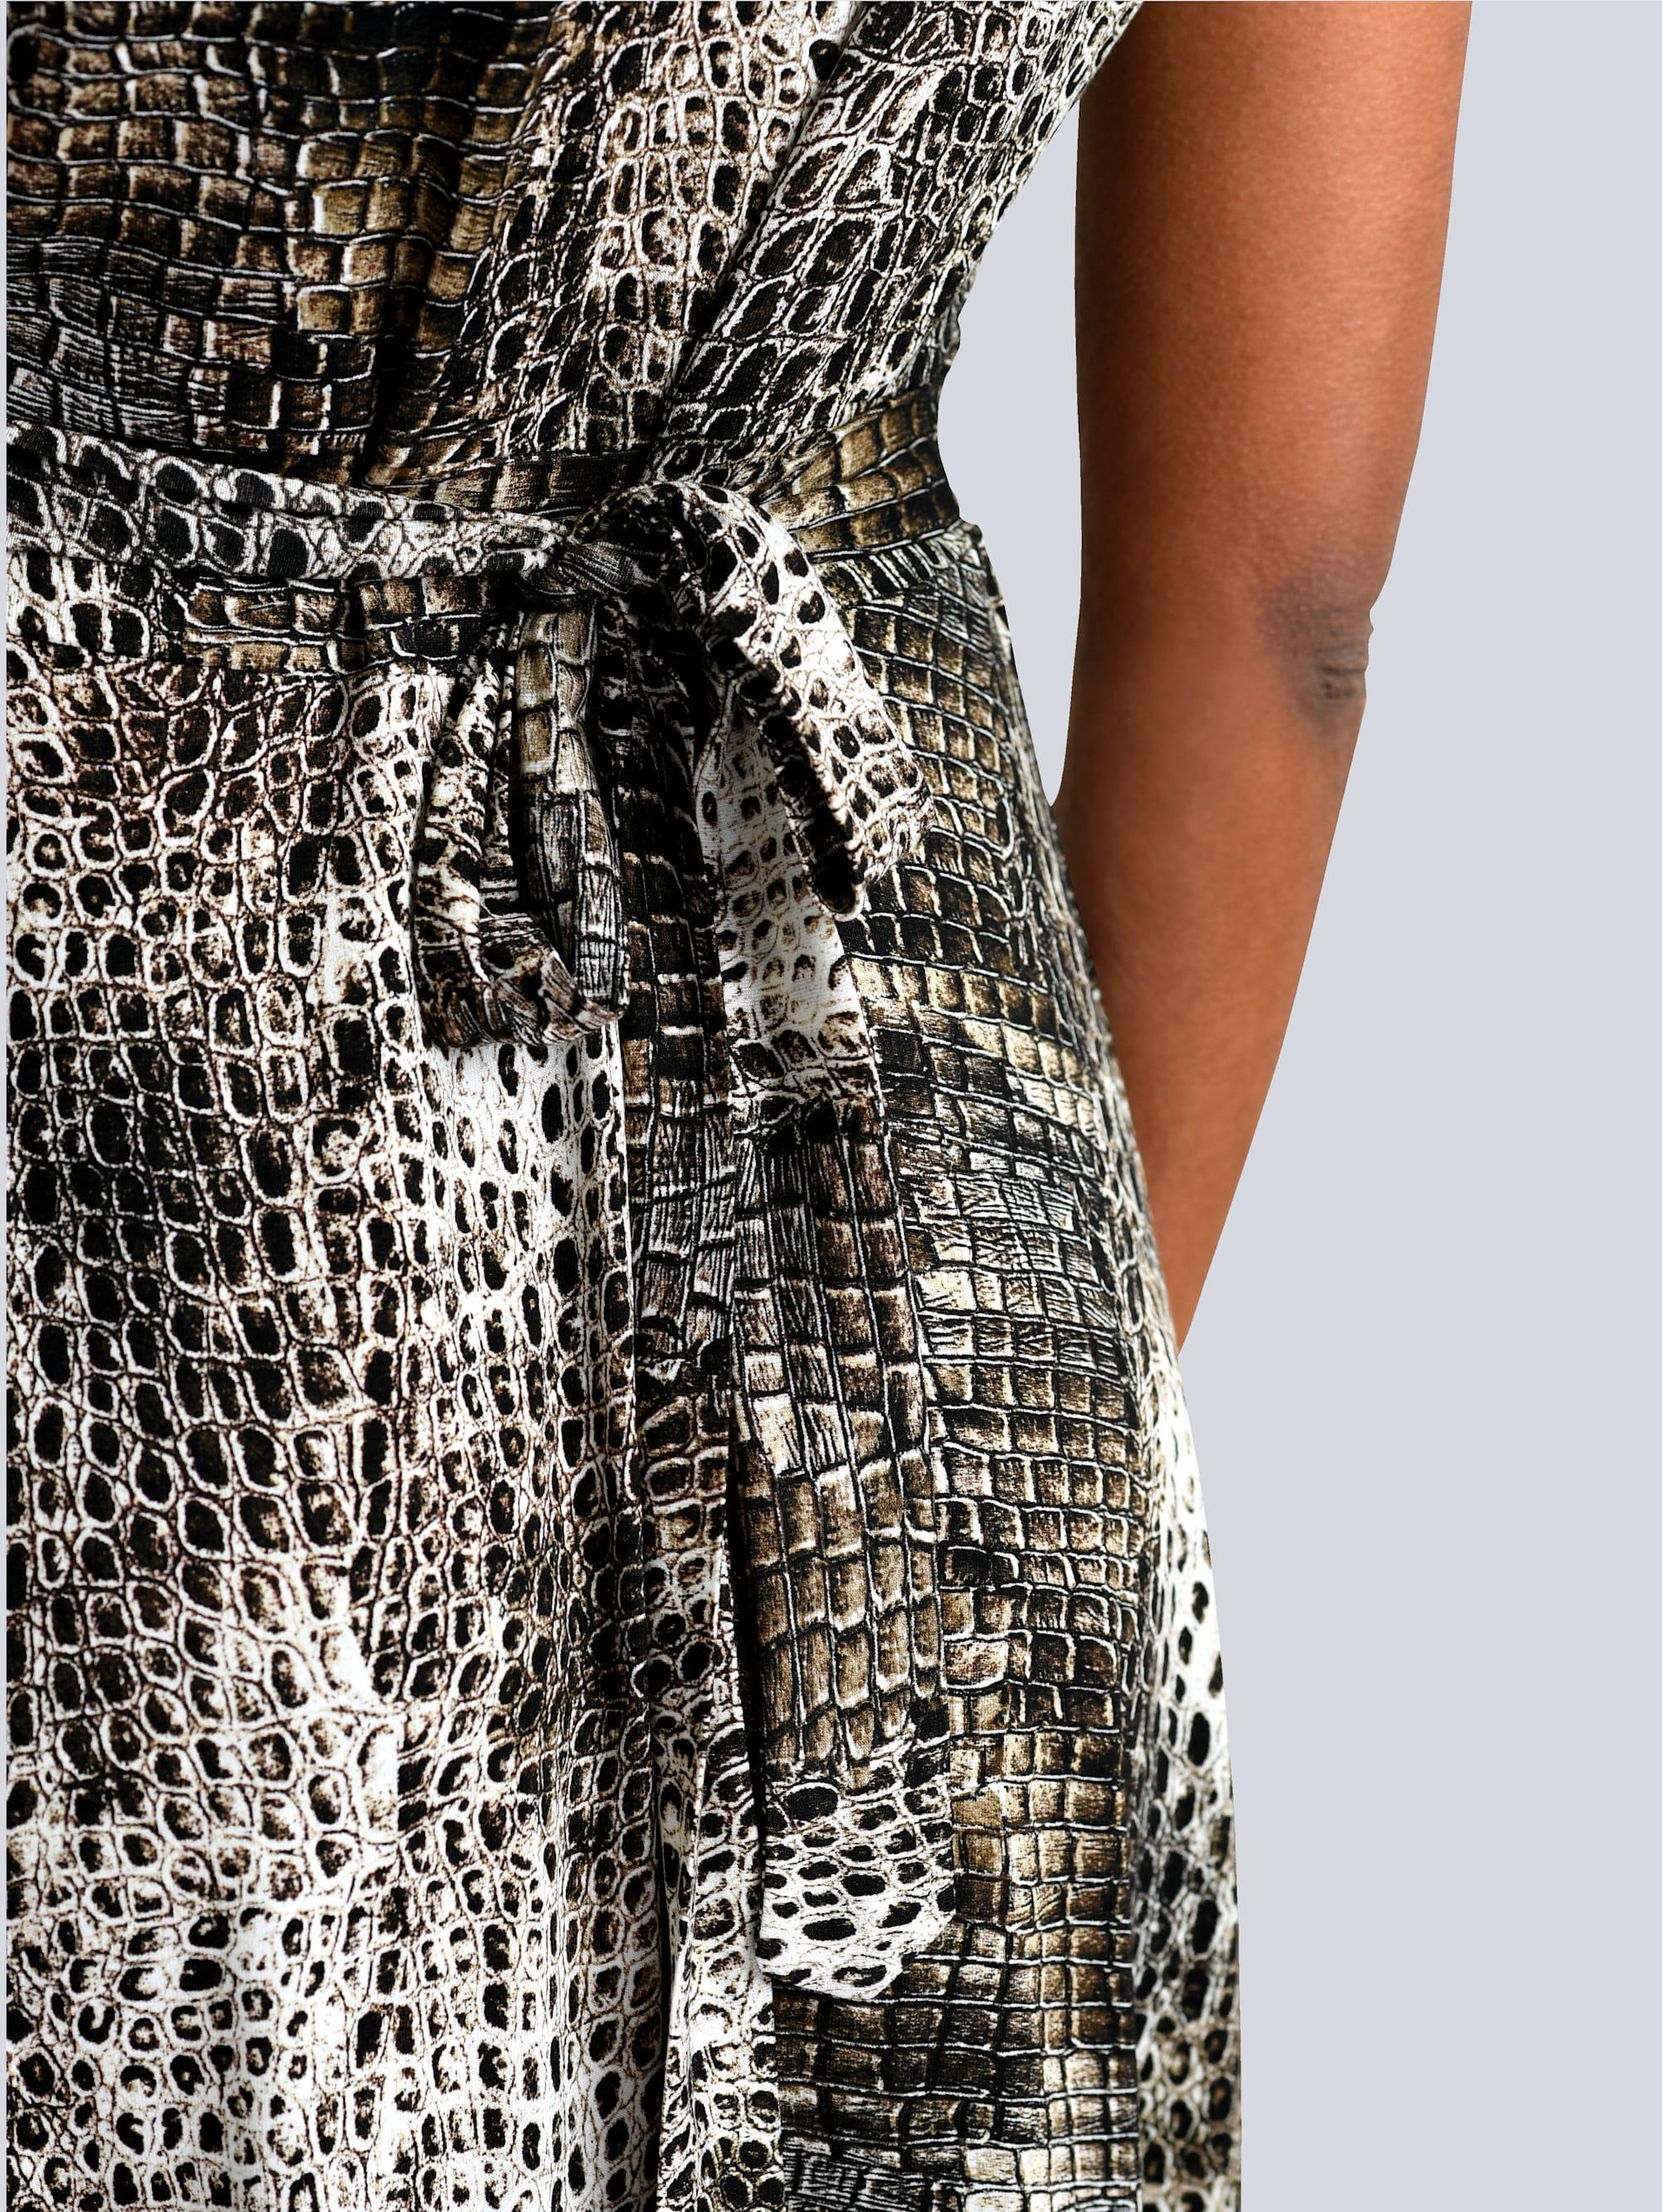 Alba Moda Kleid in Braun,Off-white,Schwarz günstig kaufen